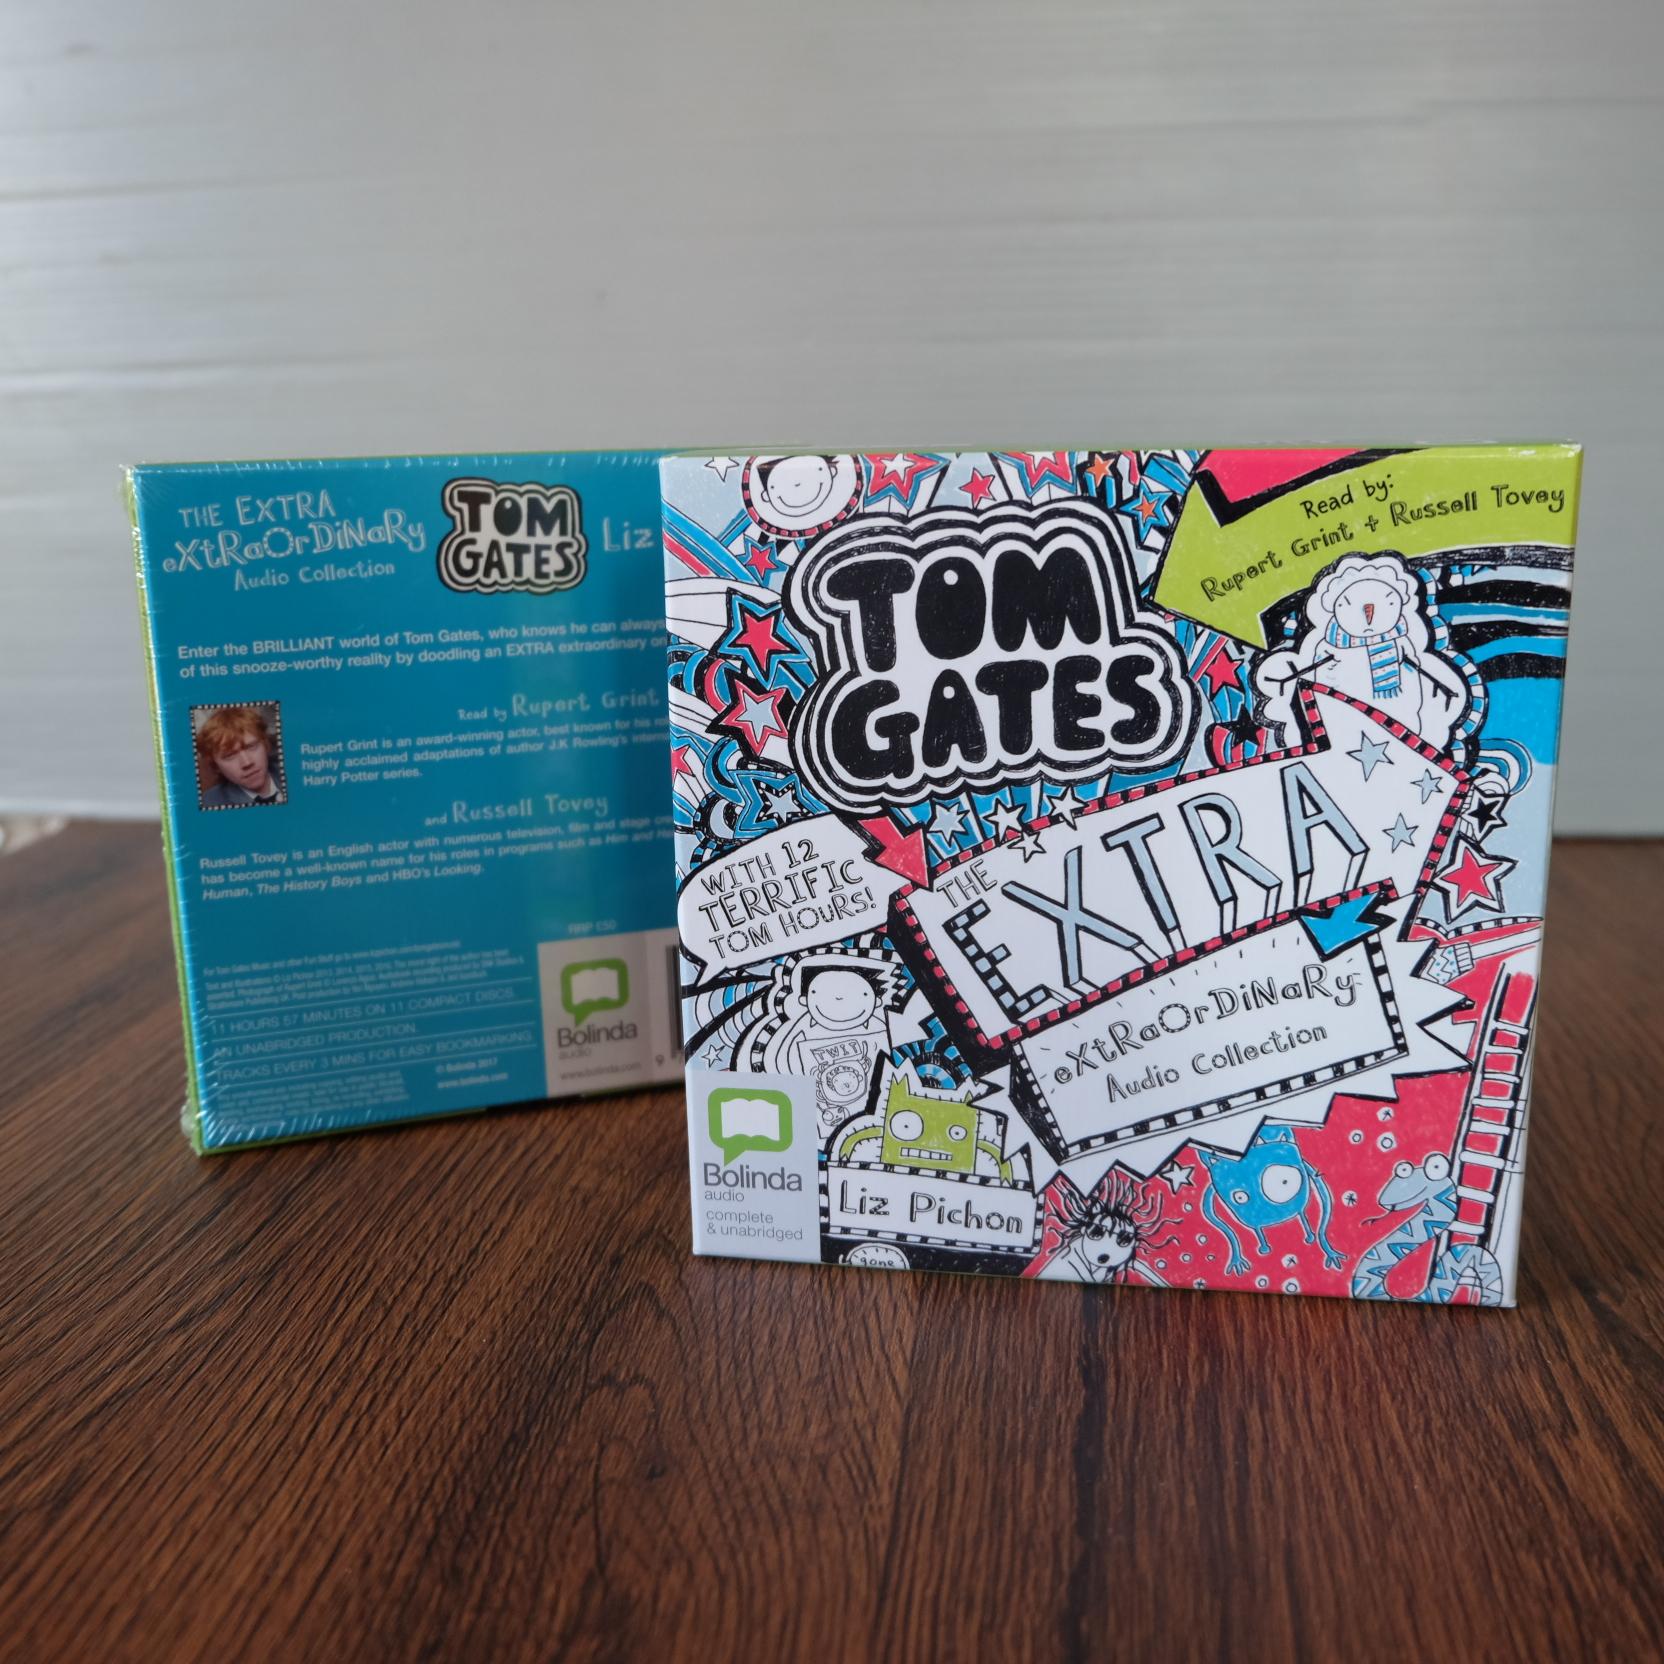 หนังสือเสียงภาษาอังกฤษ มือหนึ่ง สำหรับวัยเจ็บขวบขึ้นไป Tom Gates The Extra Extraordinary 12ชม.ในcd11แผ่น 1300รวมอีเอมเอส